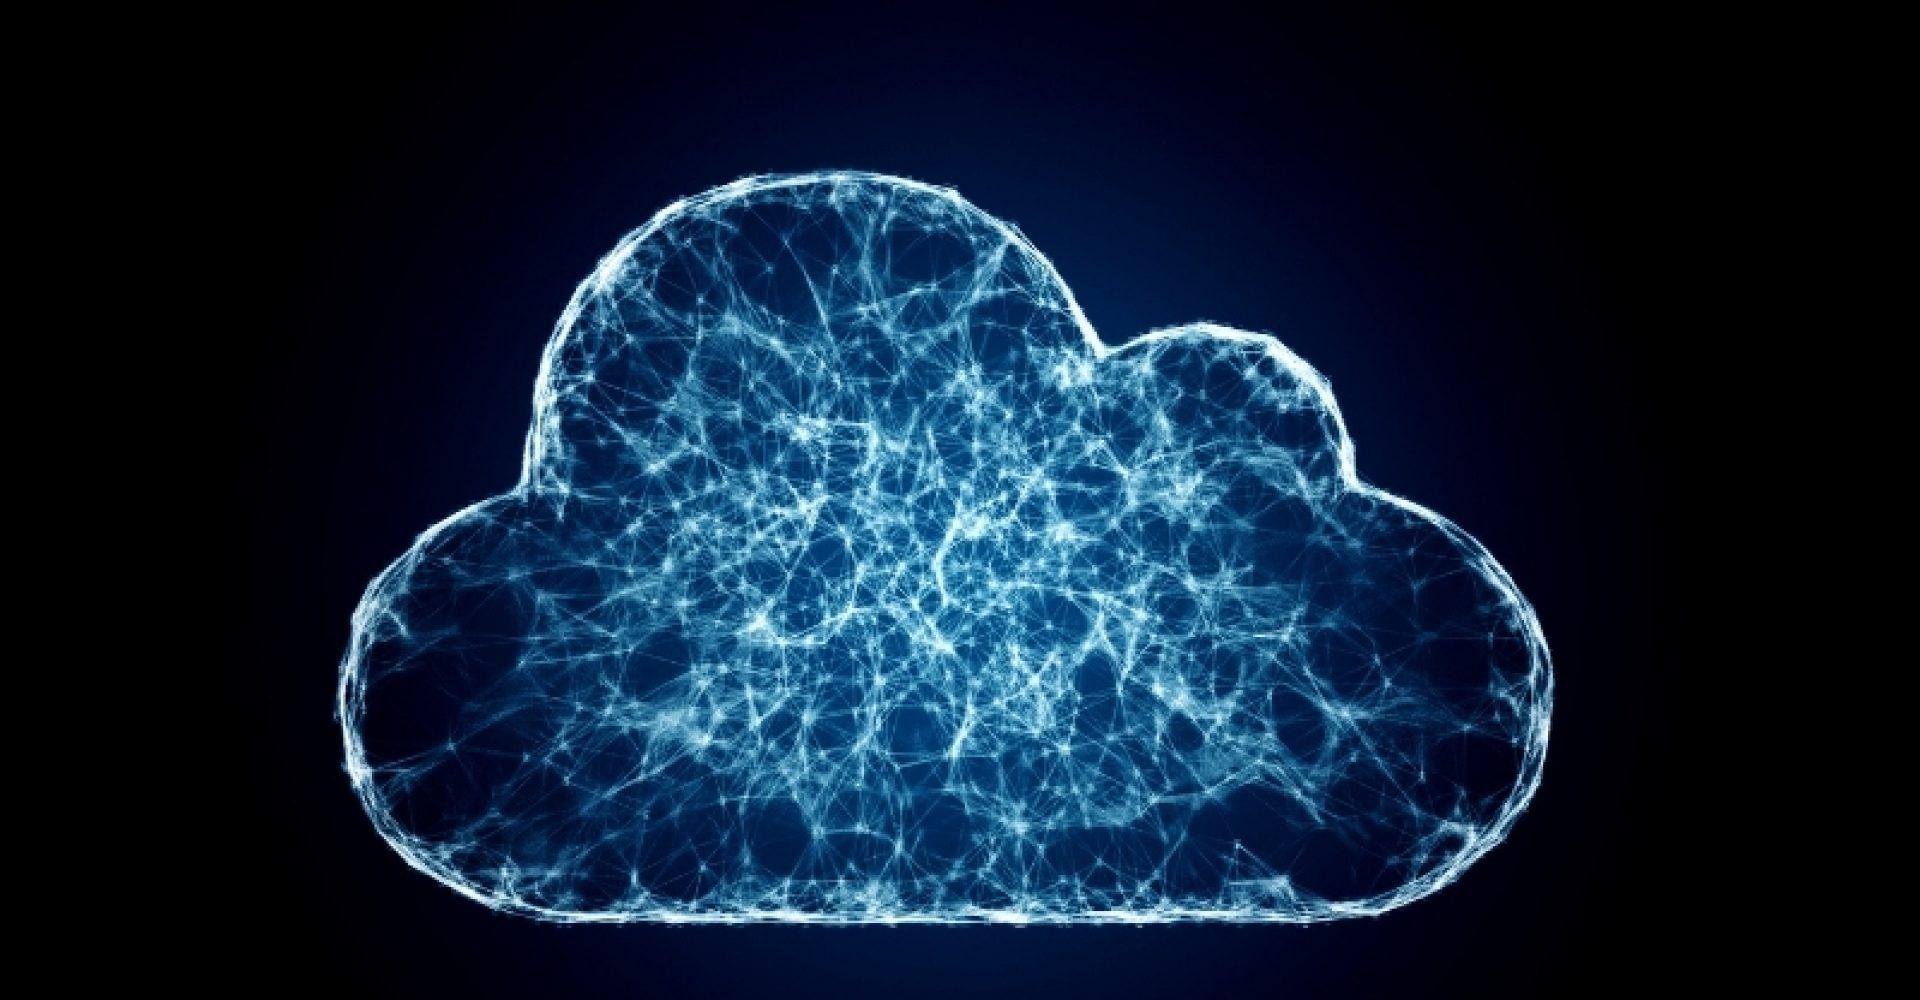 Ascenty y Ativy anuncian su alianza con el objetivo de aumentar la oferta de Cloud Computing